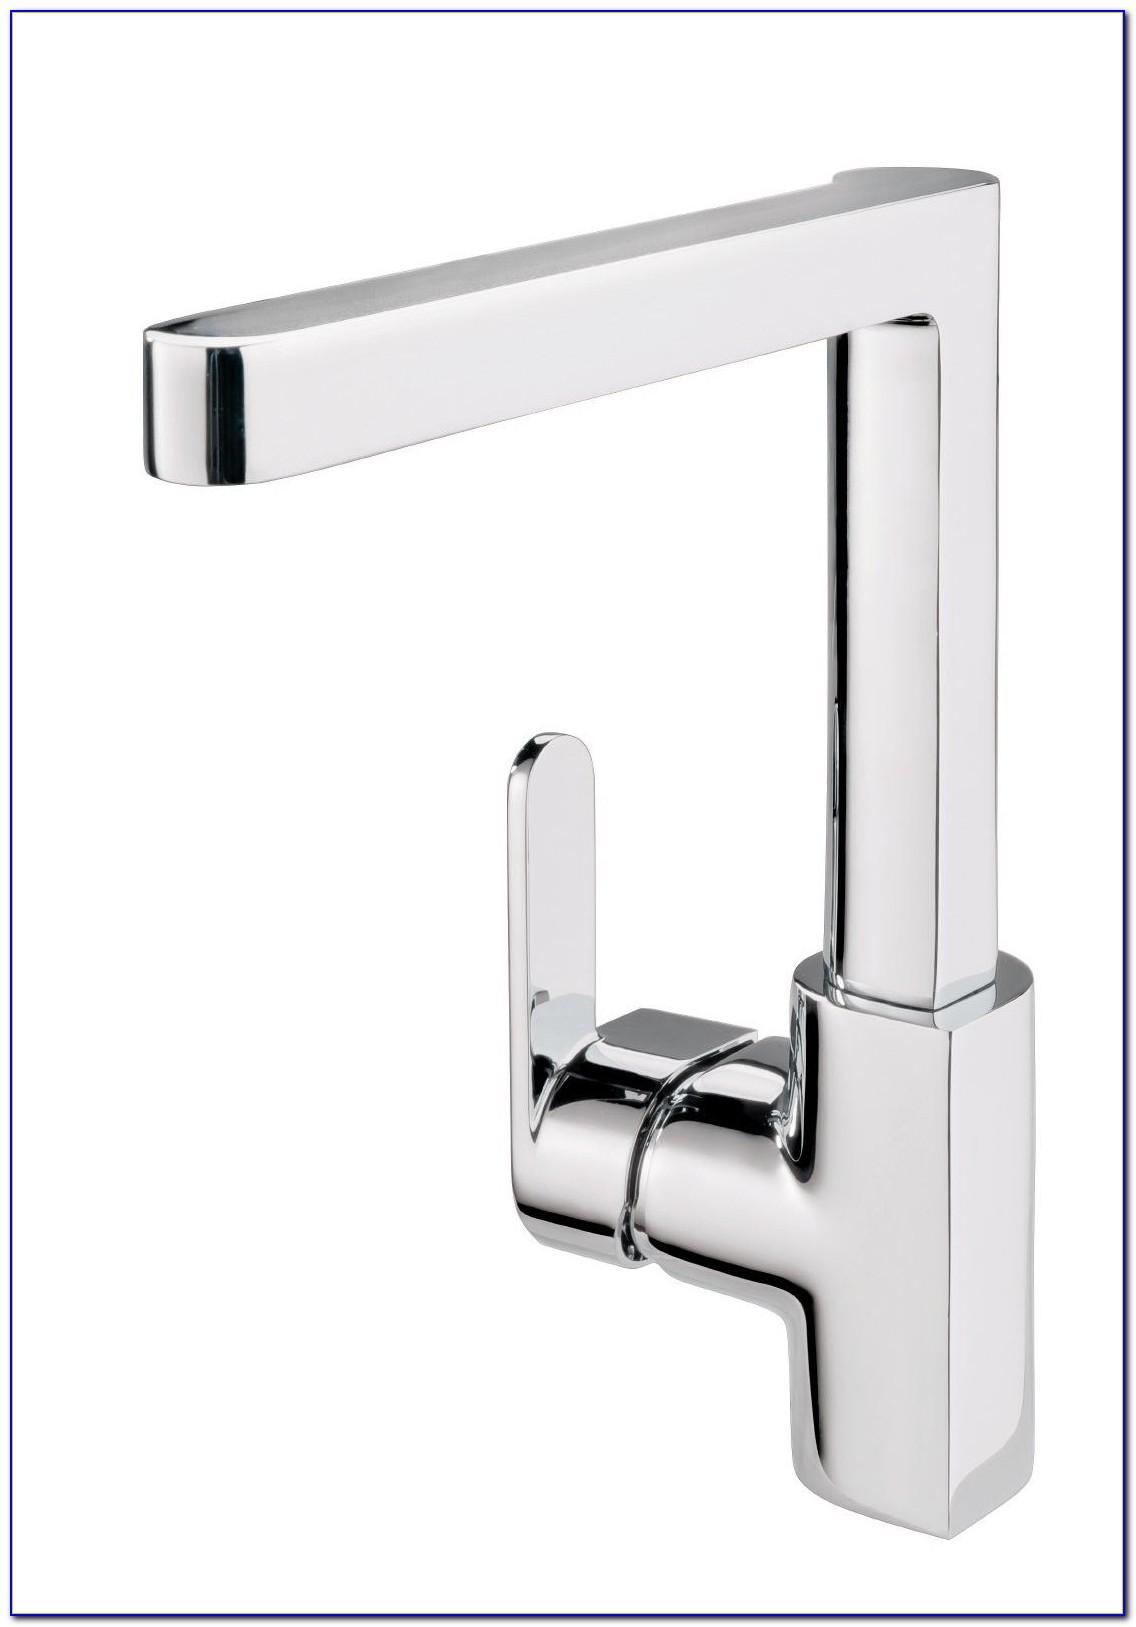 Full Size of Grohe Wasserhahn Für Küche Dusche Bad Thermostat Wandanschluss Wohnzimmer Grohe Wasserhahn